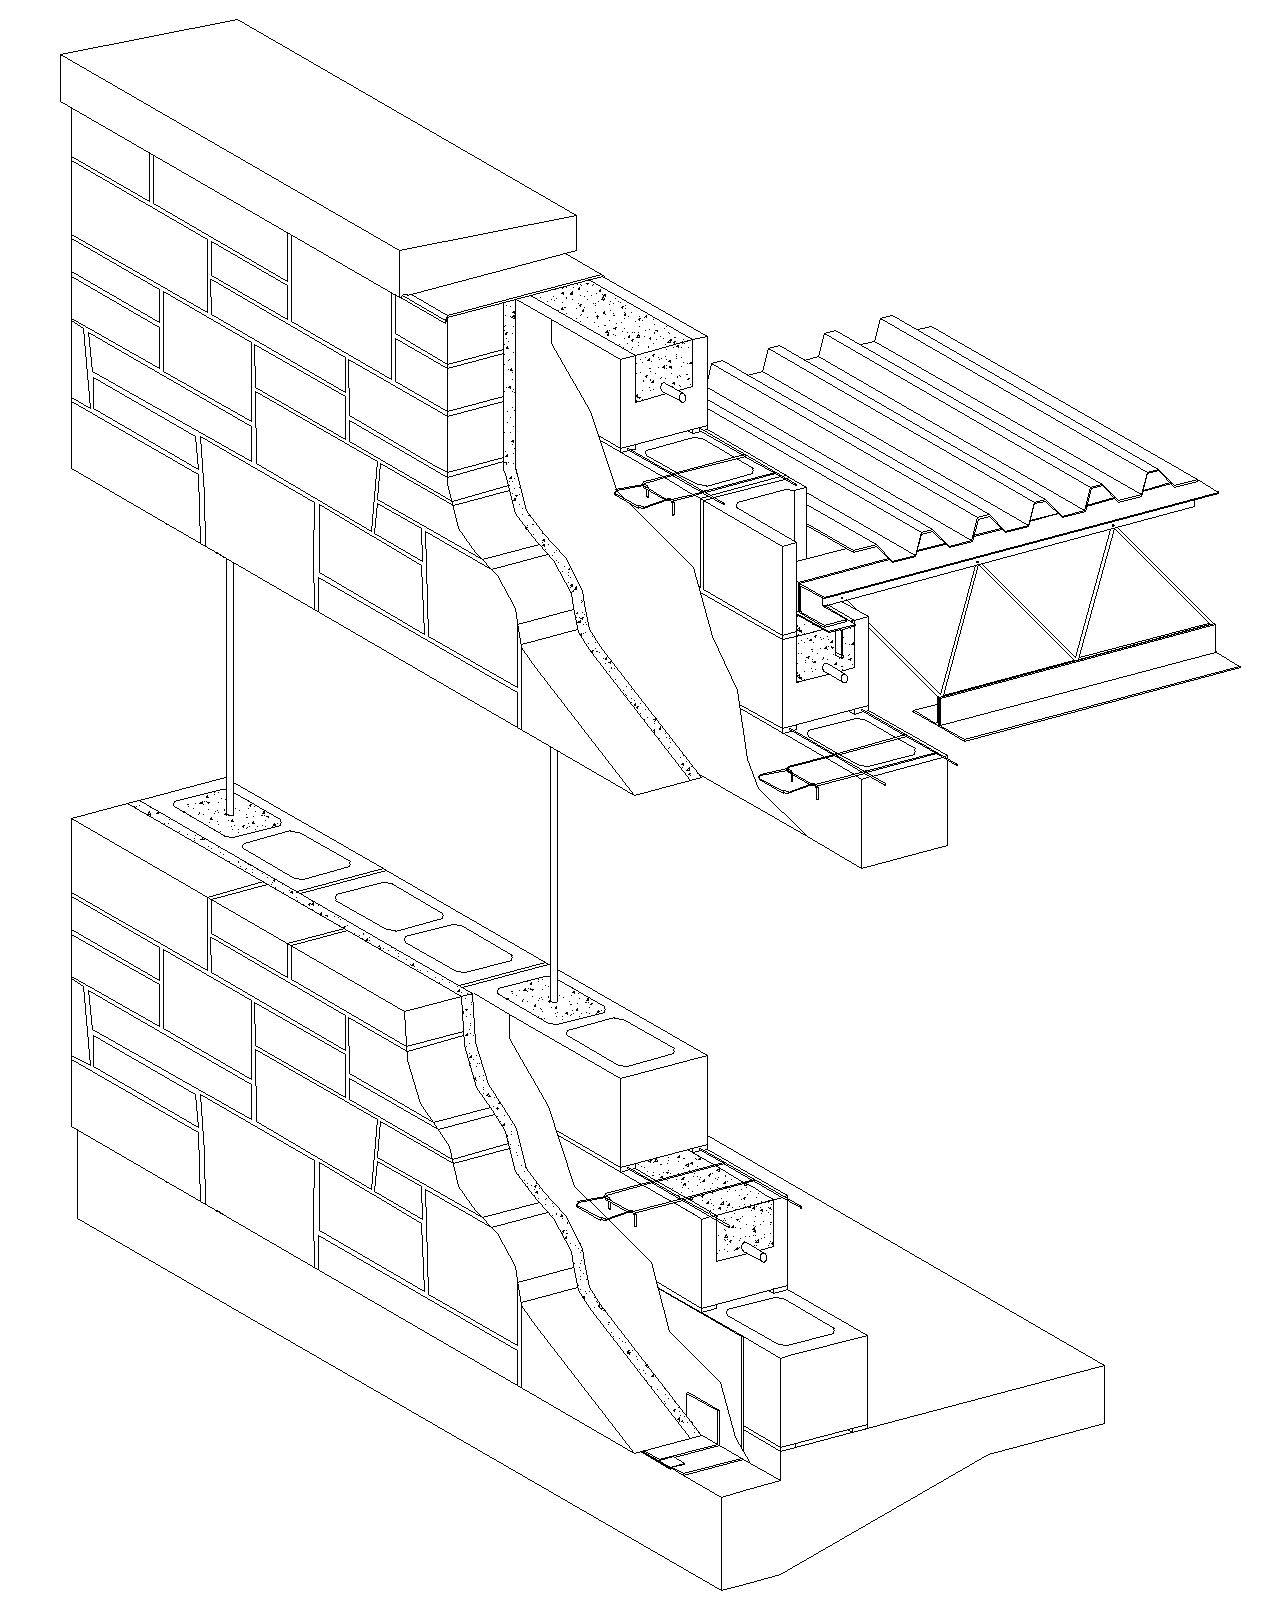 Barrier wall stone veneer reinforced concrete block